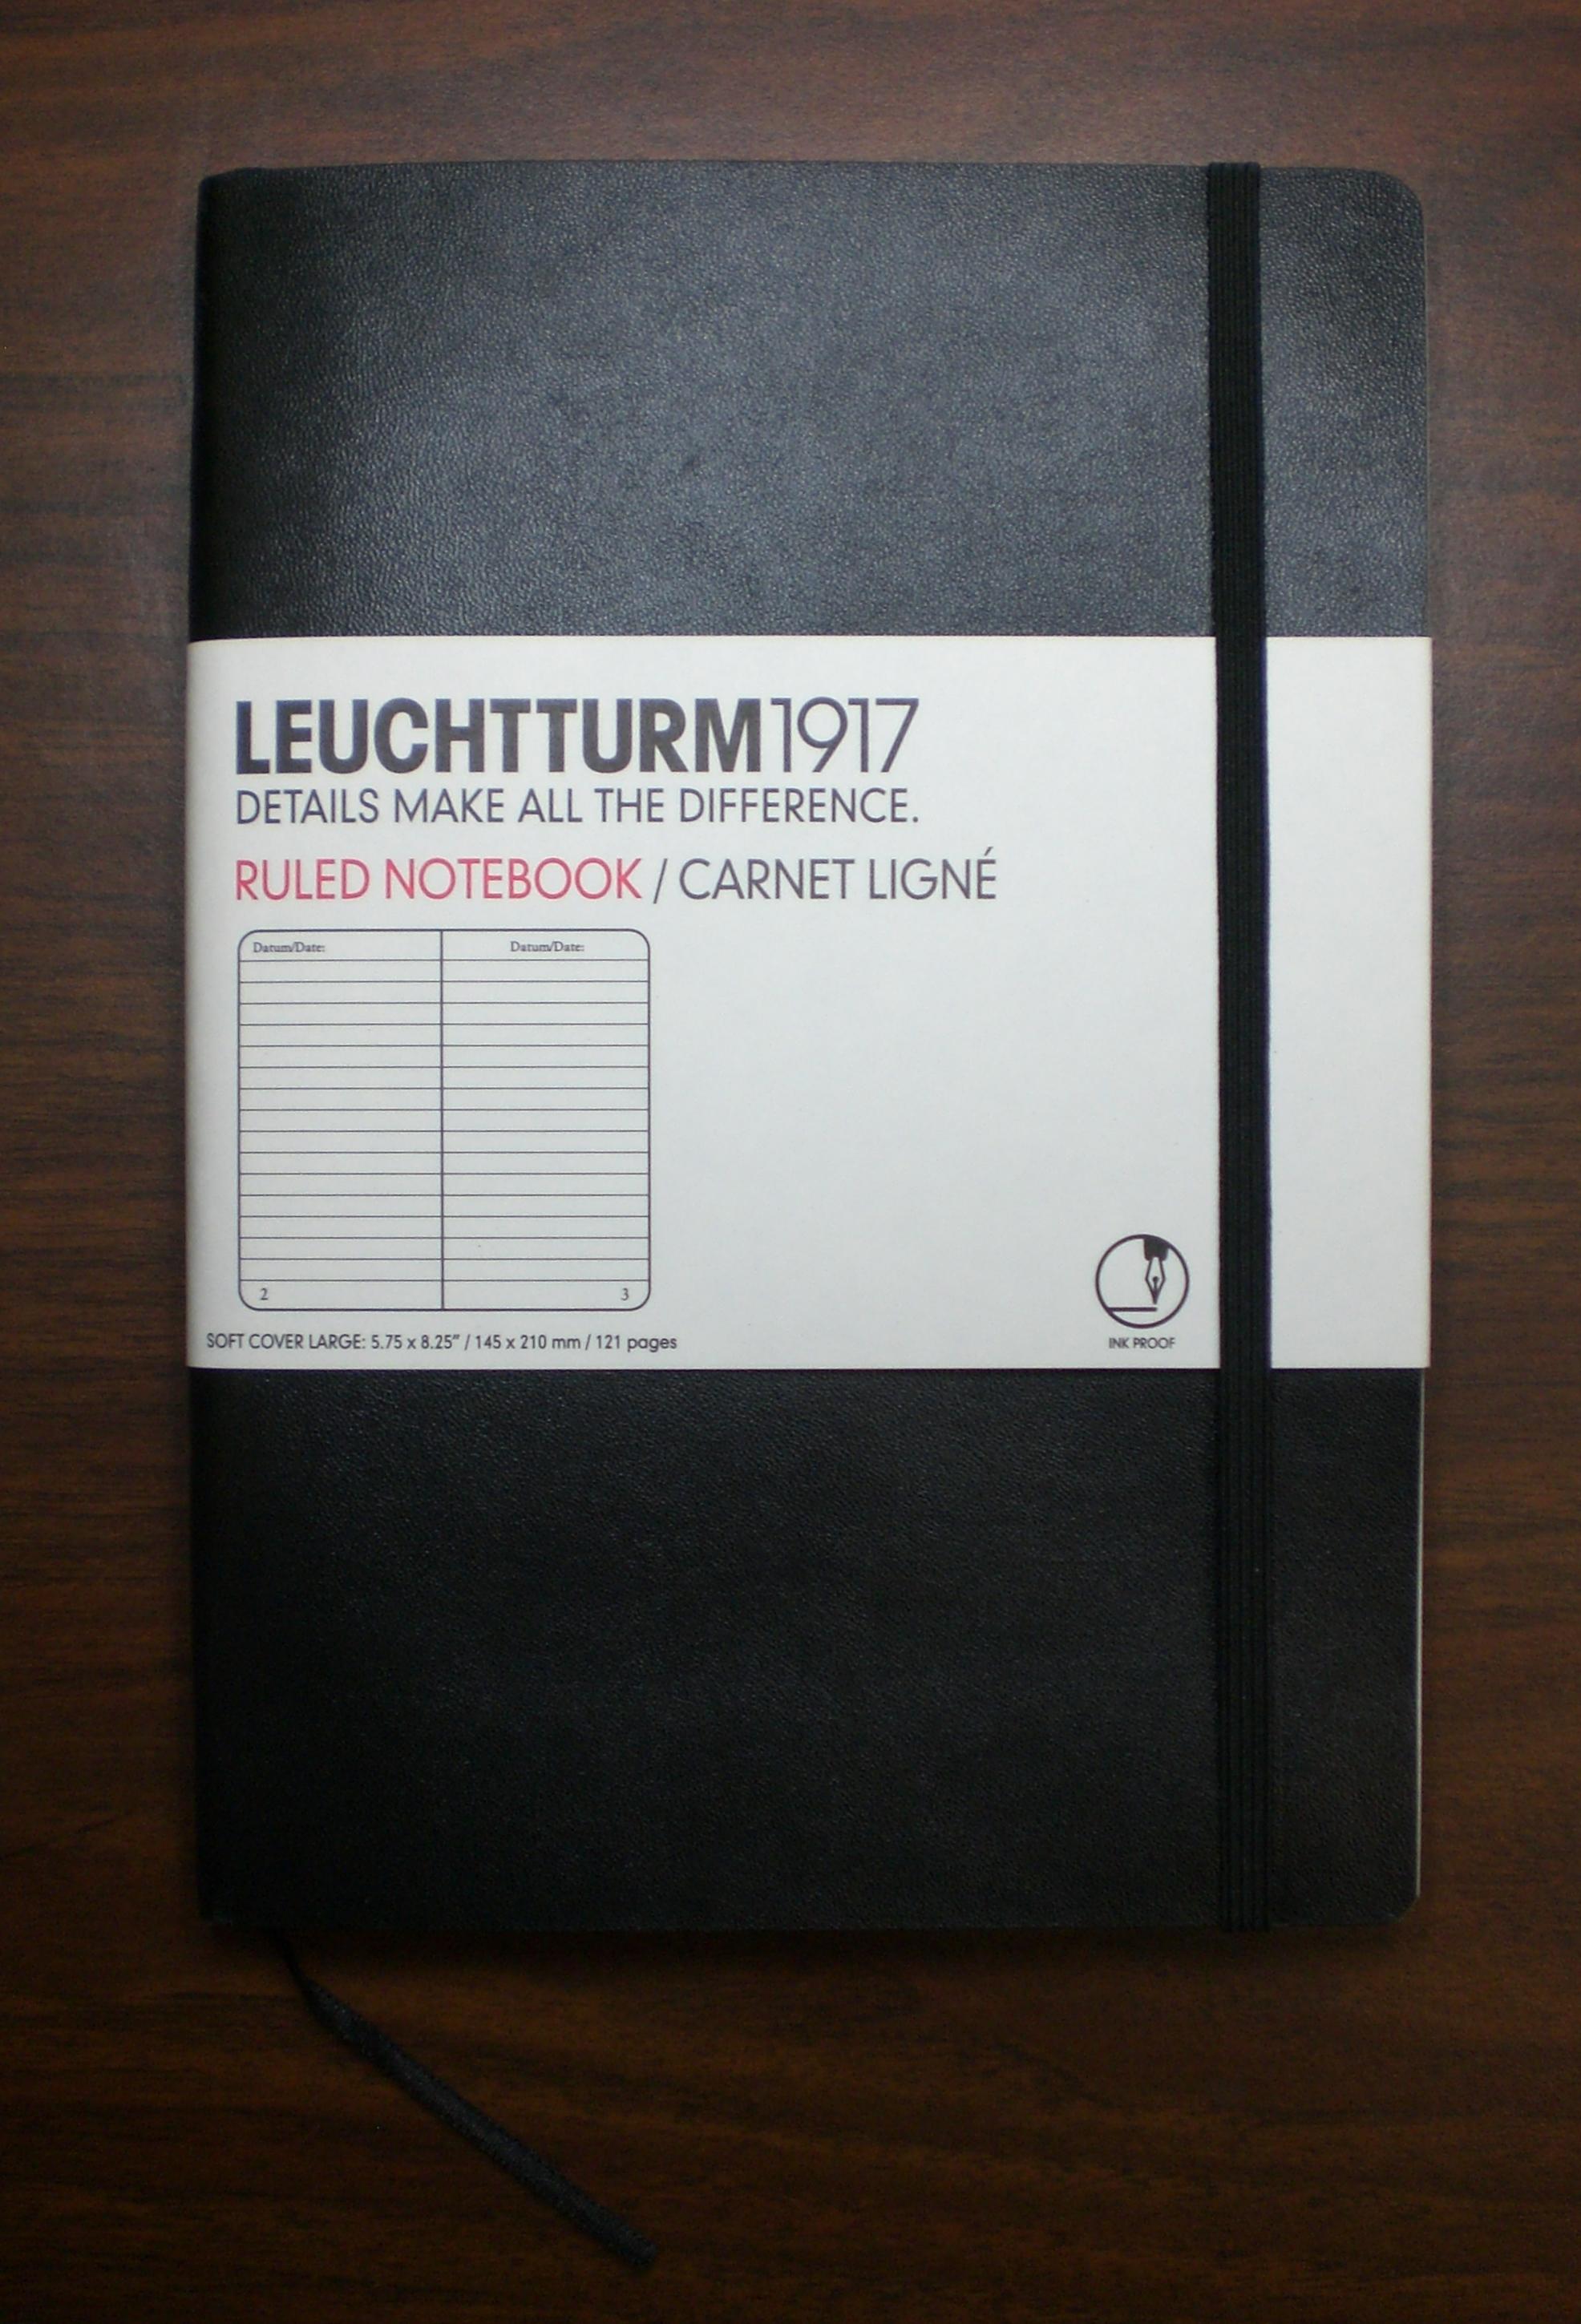 Leuchtturm 1917 A5 Notebook - Pink — J B Welly